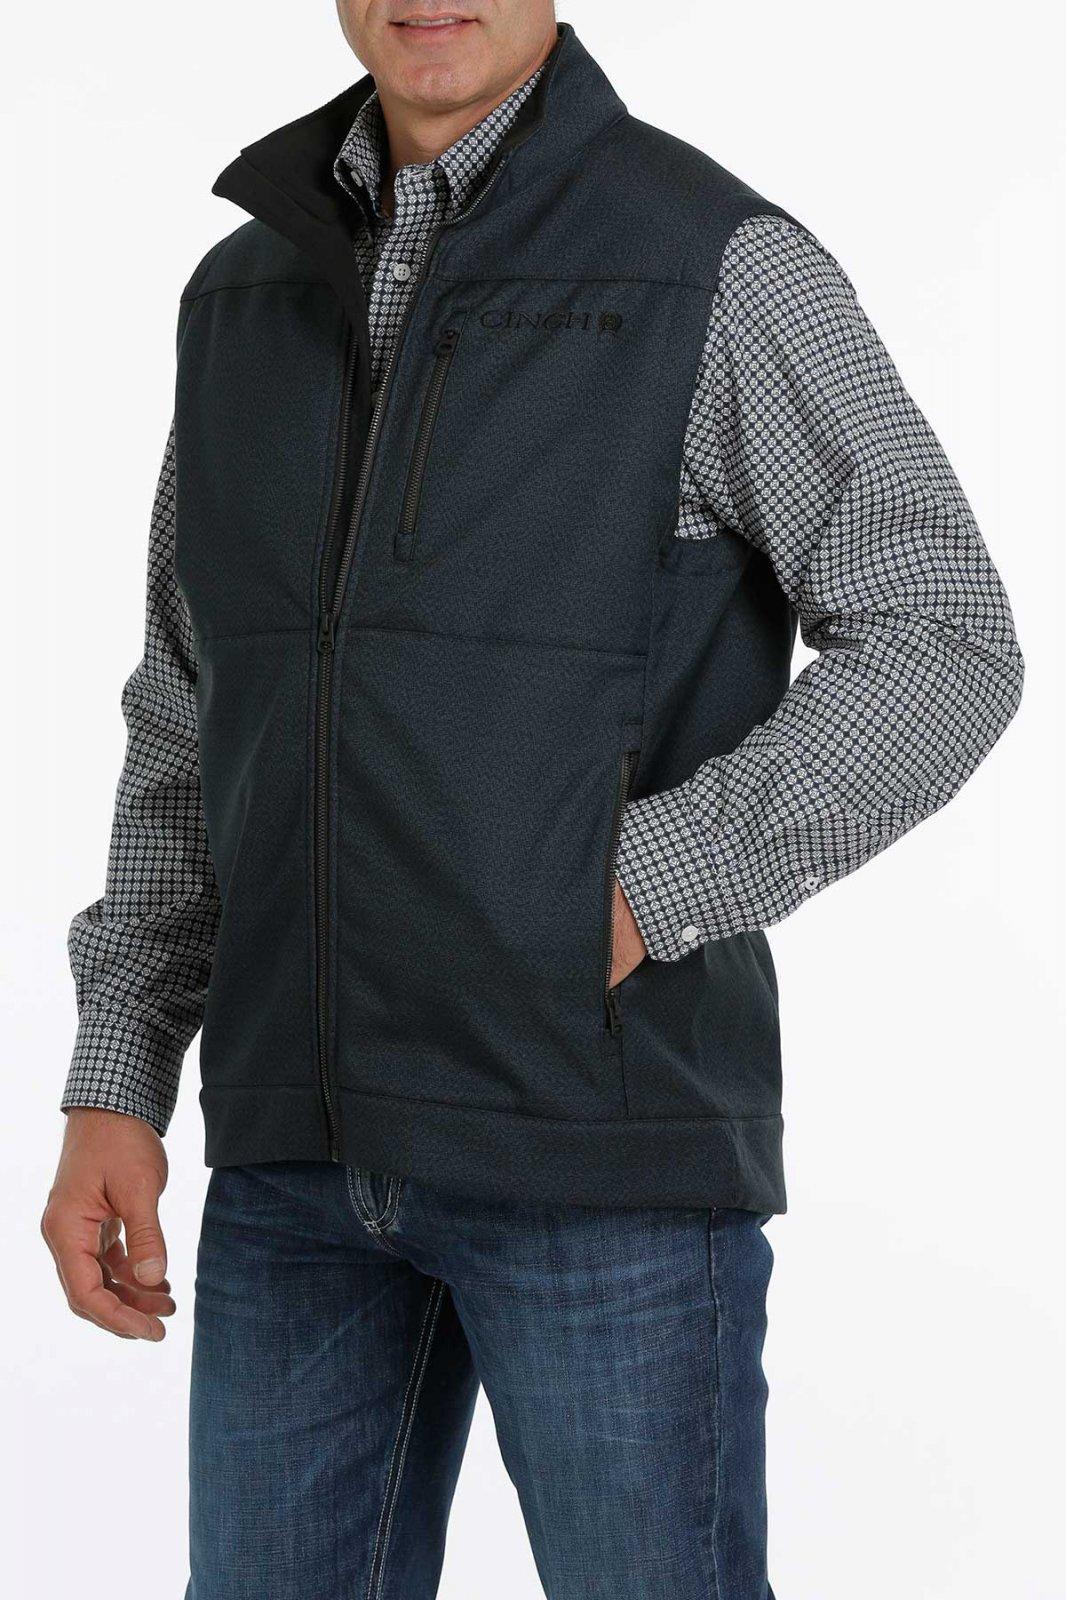 Men's Bonded Vest from Cinch